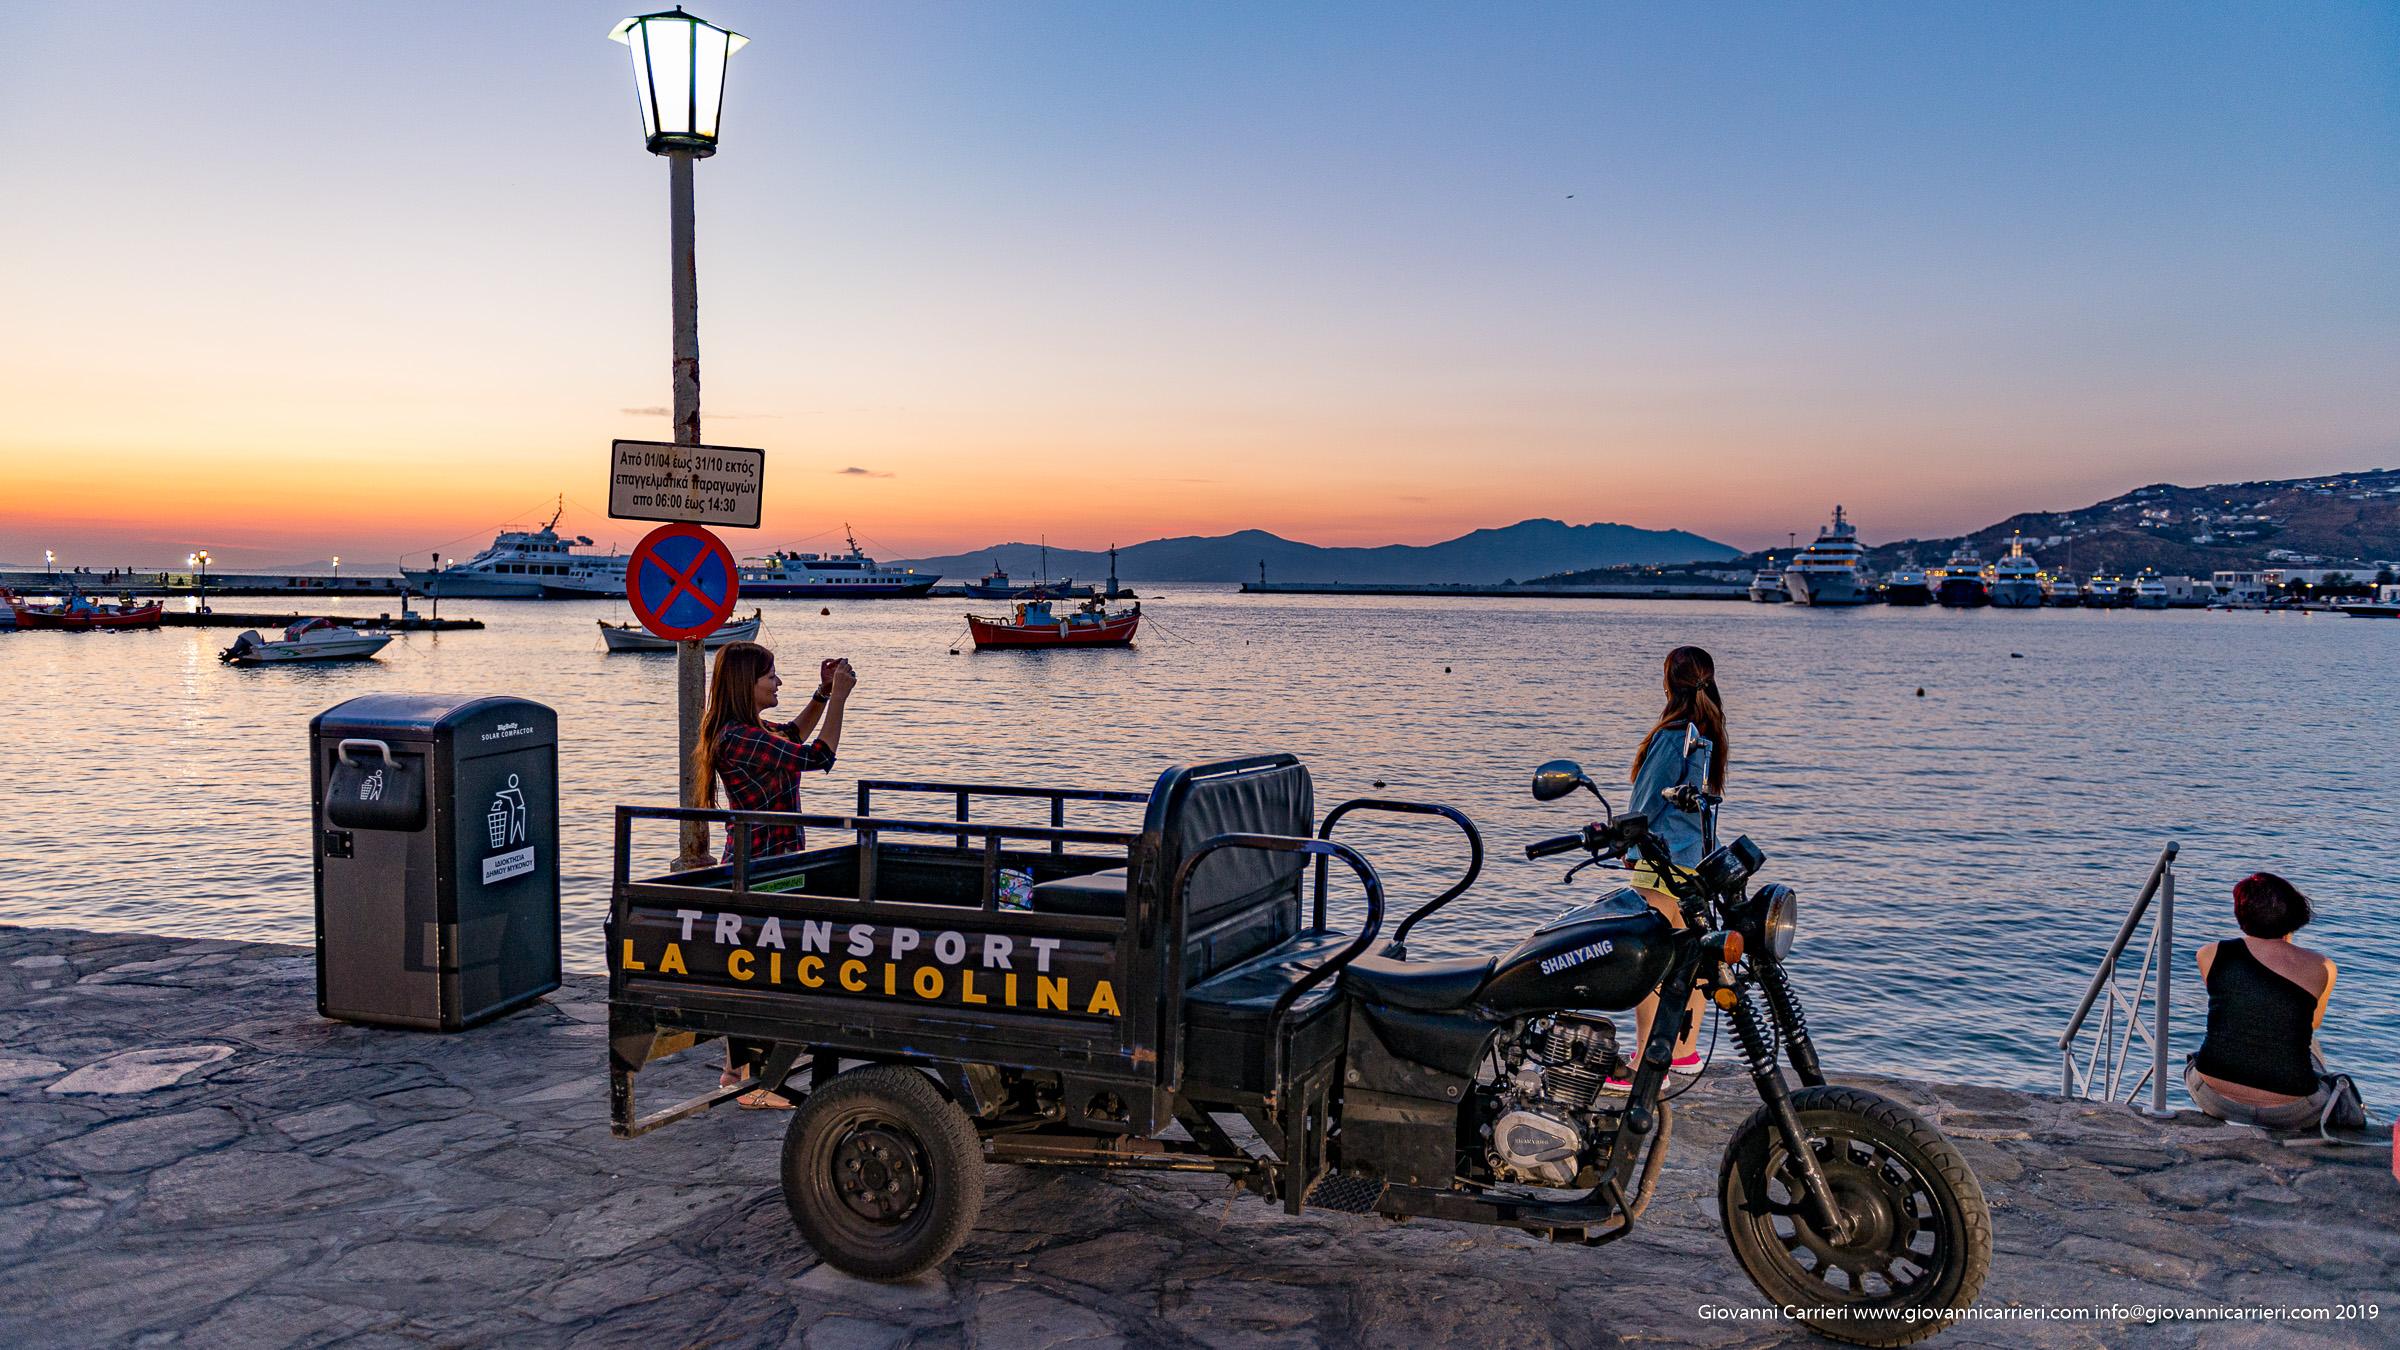 Trasporti La Cicciolina - Mykonos